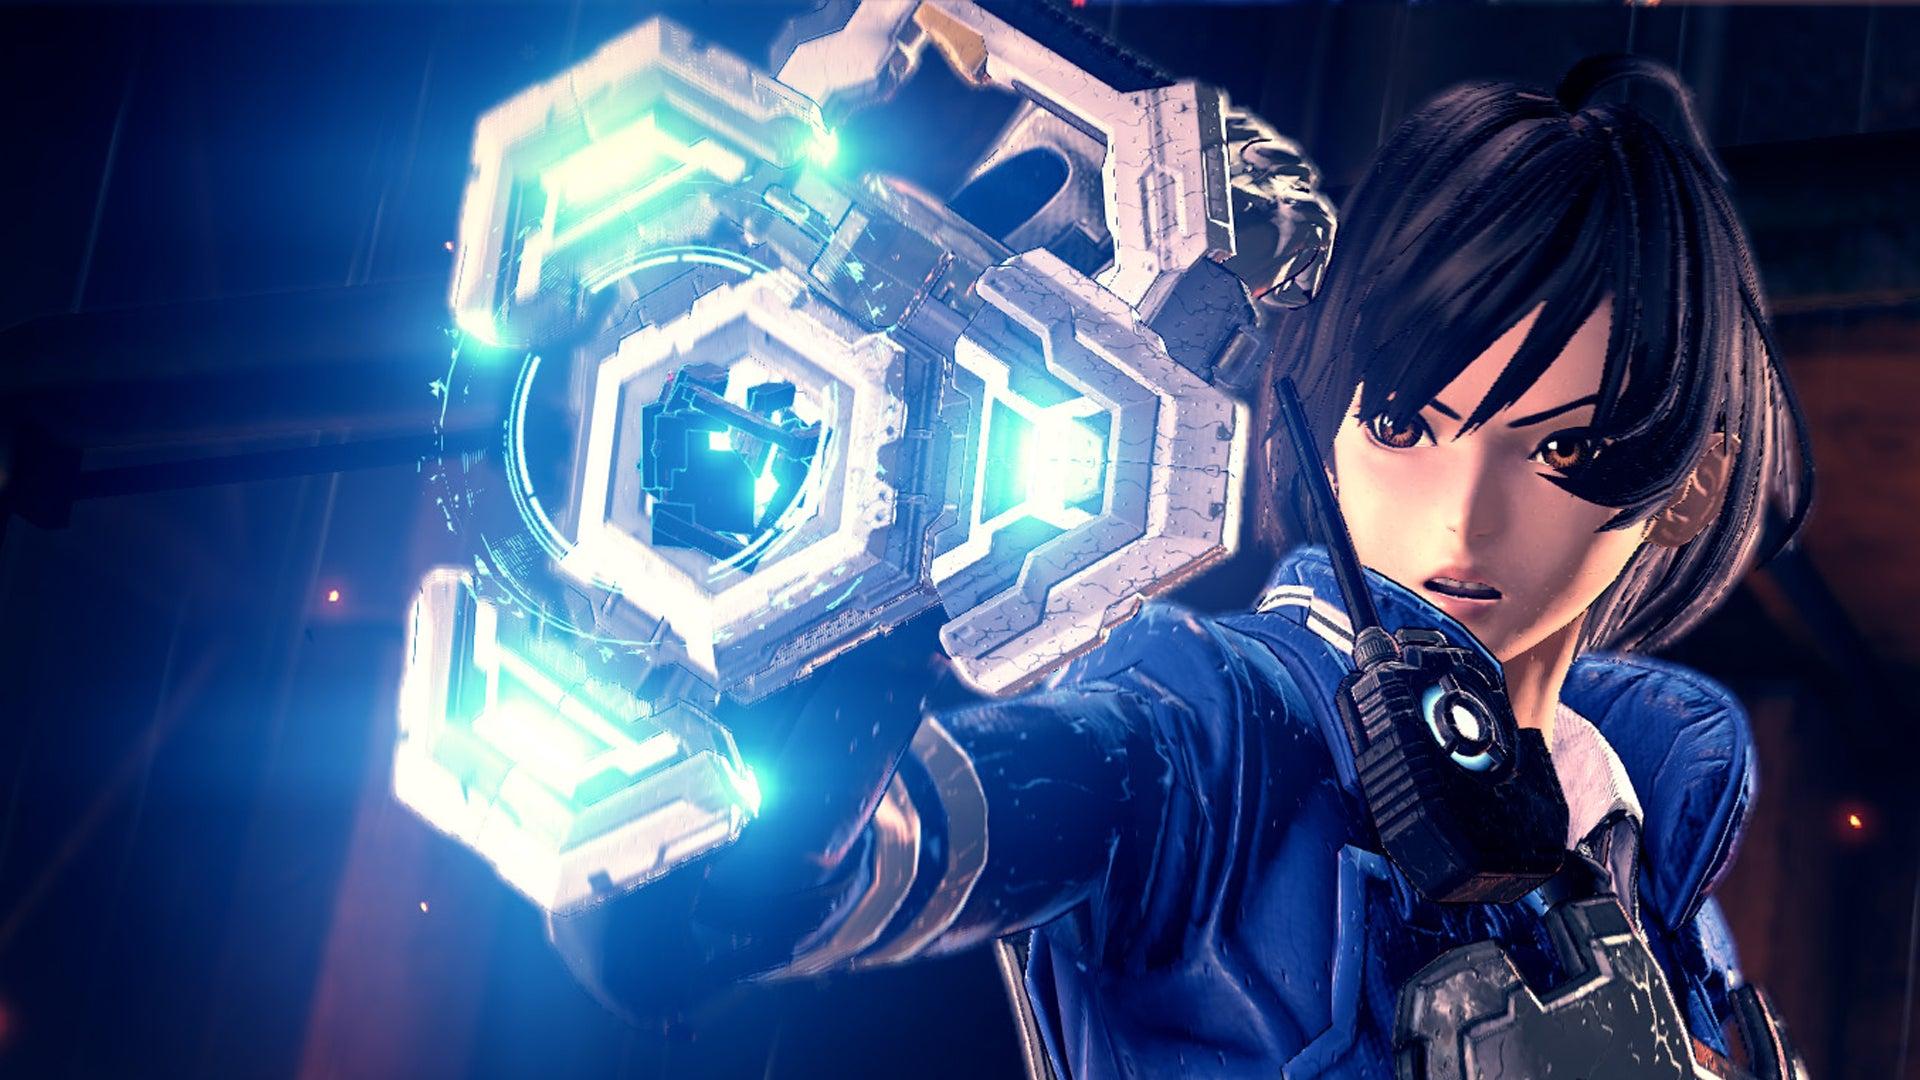 Atsushi Inaba diz que Astral Chain é propriedade da Nintendo e da PlatinumGames, mas que cabe a Nintendo decidir se sairá em outras plataformas no futuro